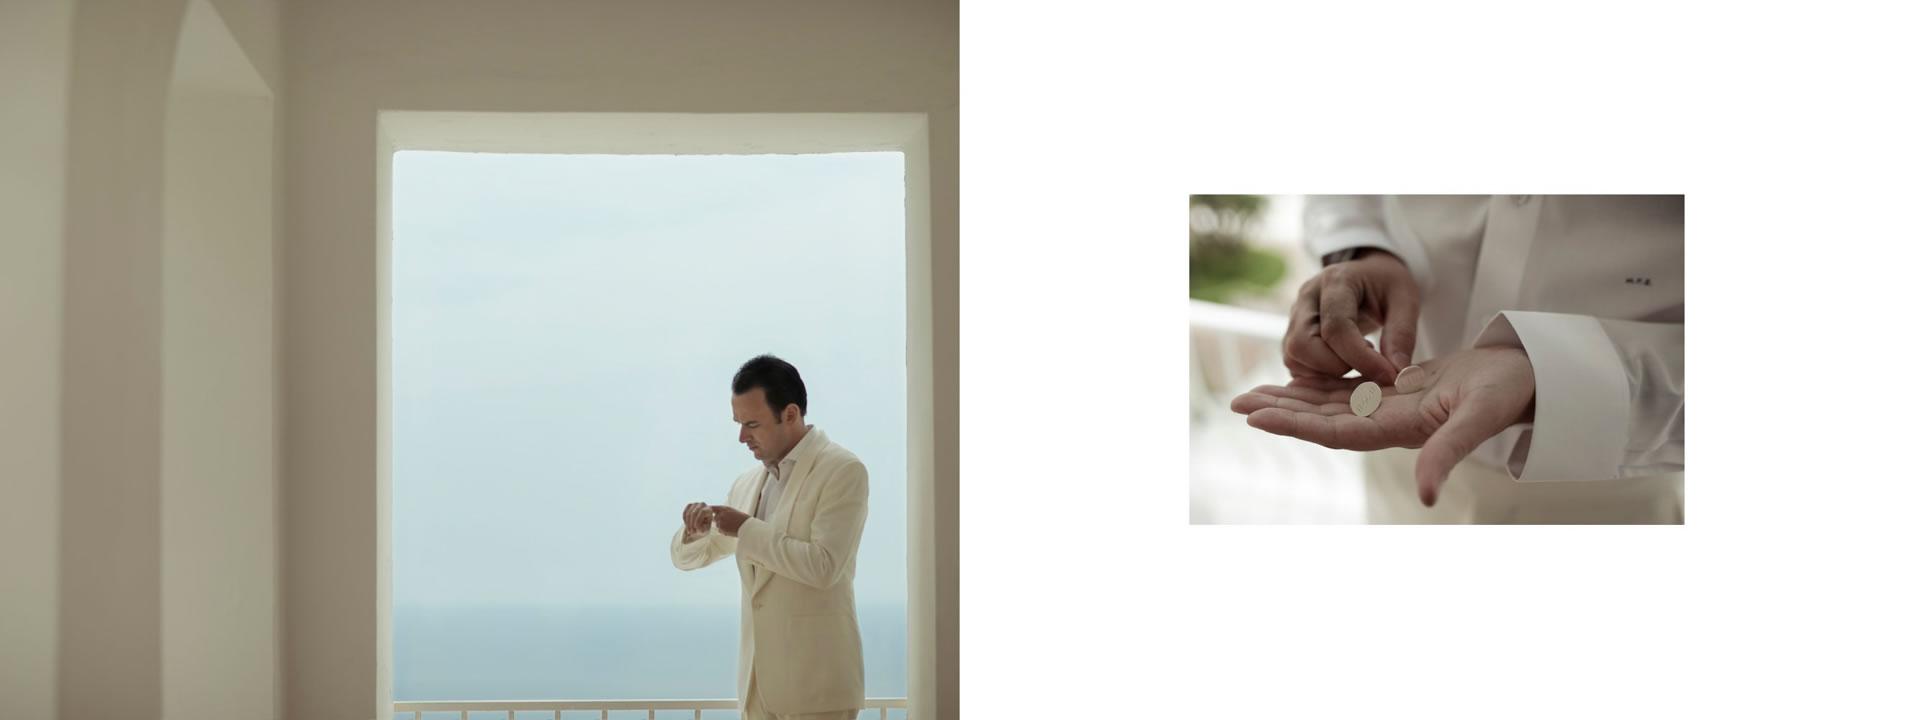 - 27 :: Jewish luxury wedding weekend in Capri :: Luxury wedding photography - 26 ::  - 27